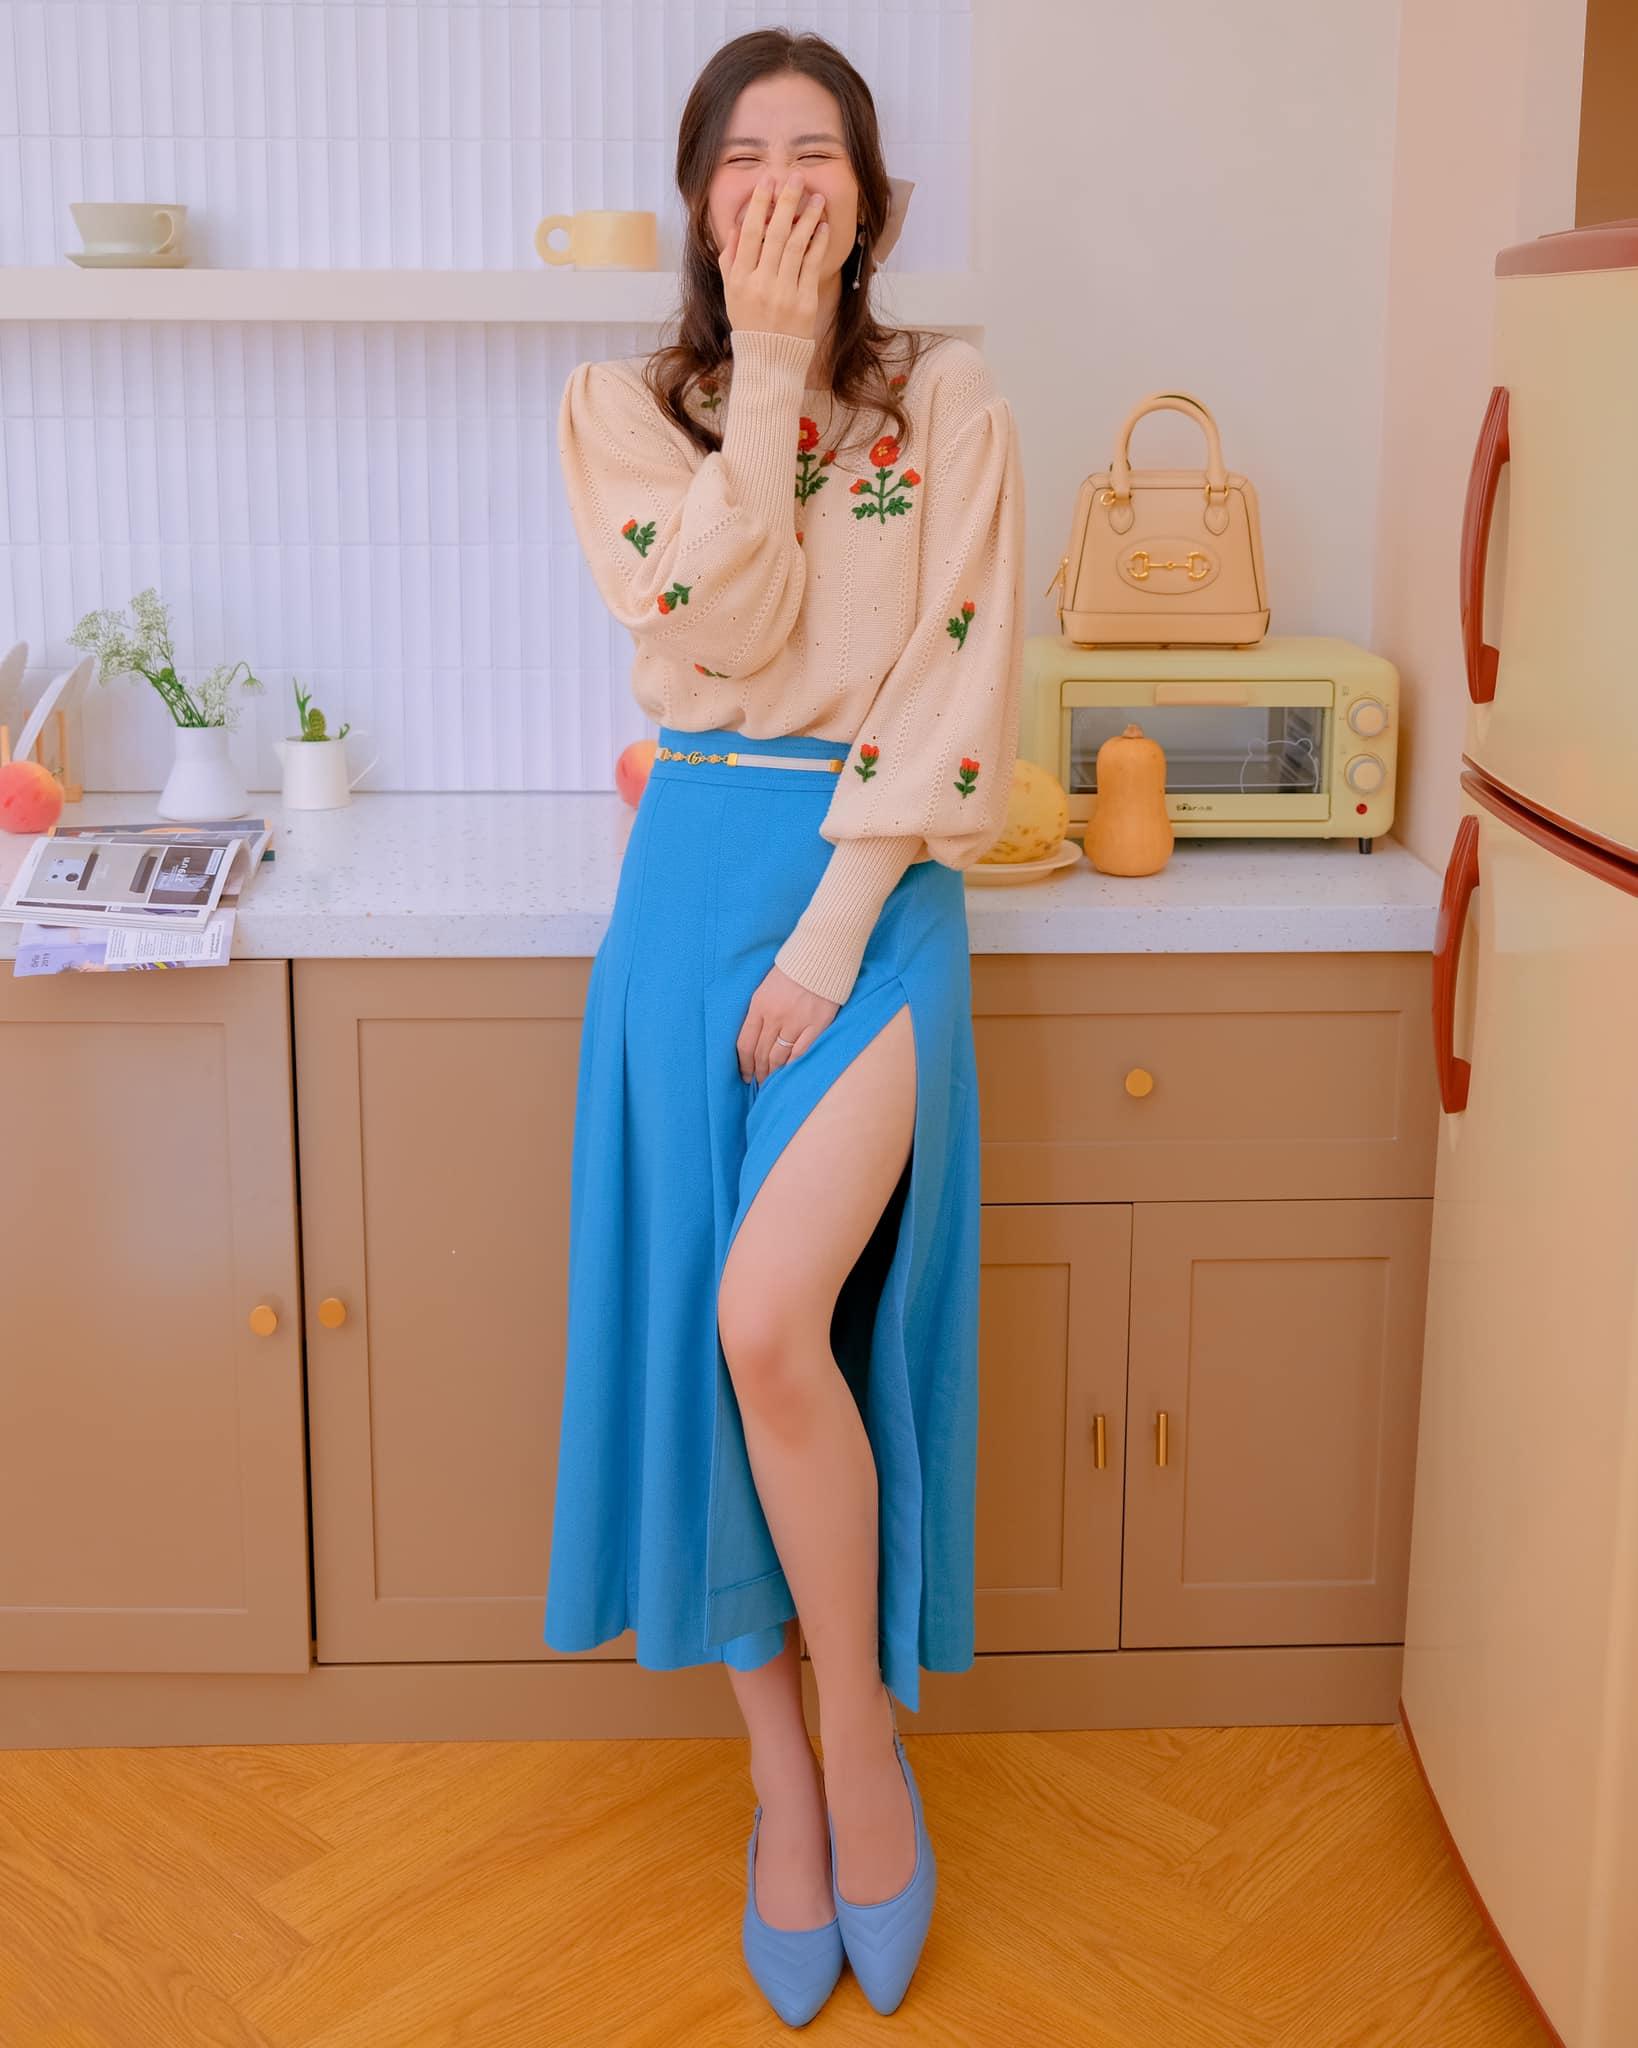 Đông Nhi được khen trẻ xinh như teen girl khi phối áo len thêu hoa cùng chân váy xanh xẻ tà. Bà mẹ một con còn khéo hack tuổi bằng kiểu tóc kẹp nửa dễ thương.